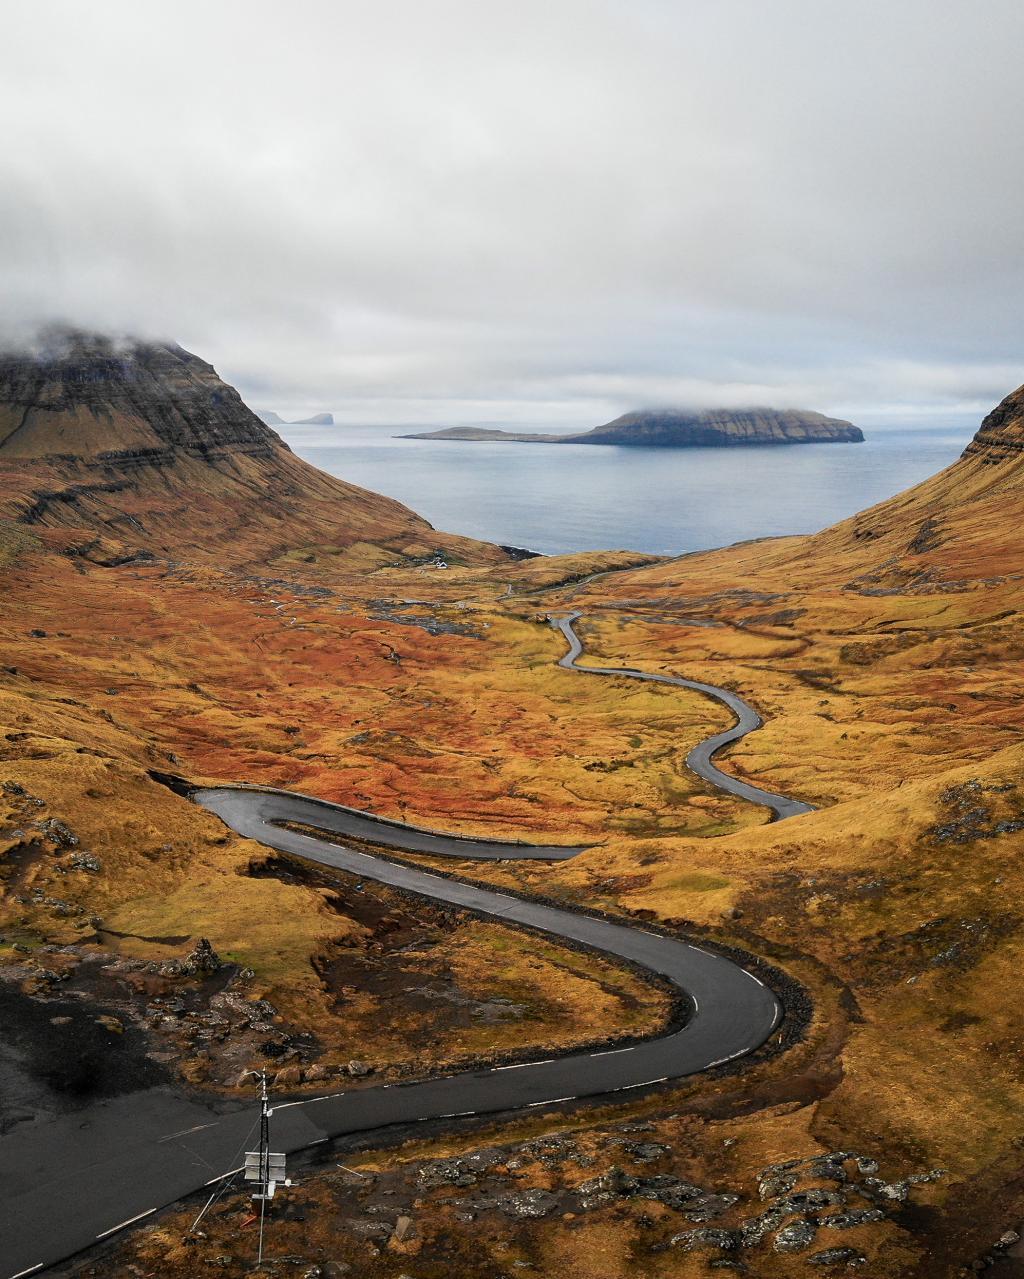 Norðradalur – Tórshavn